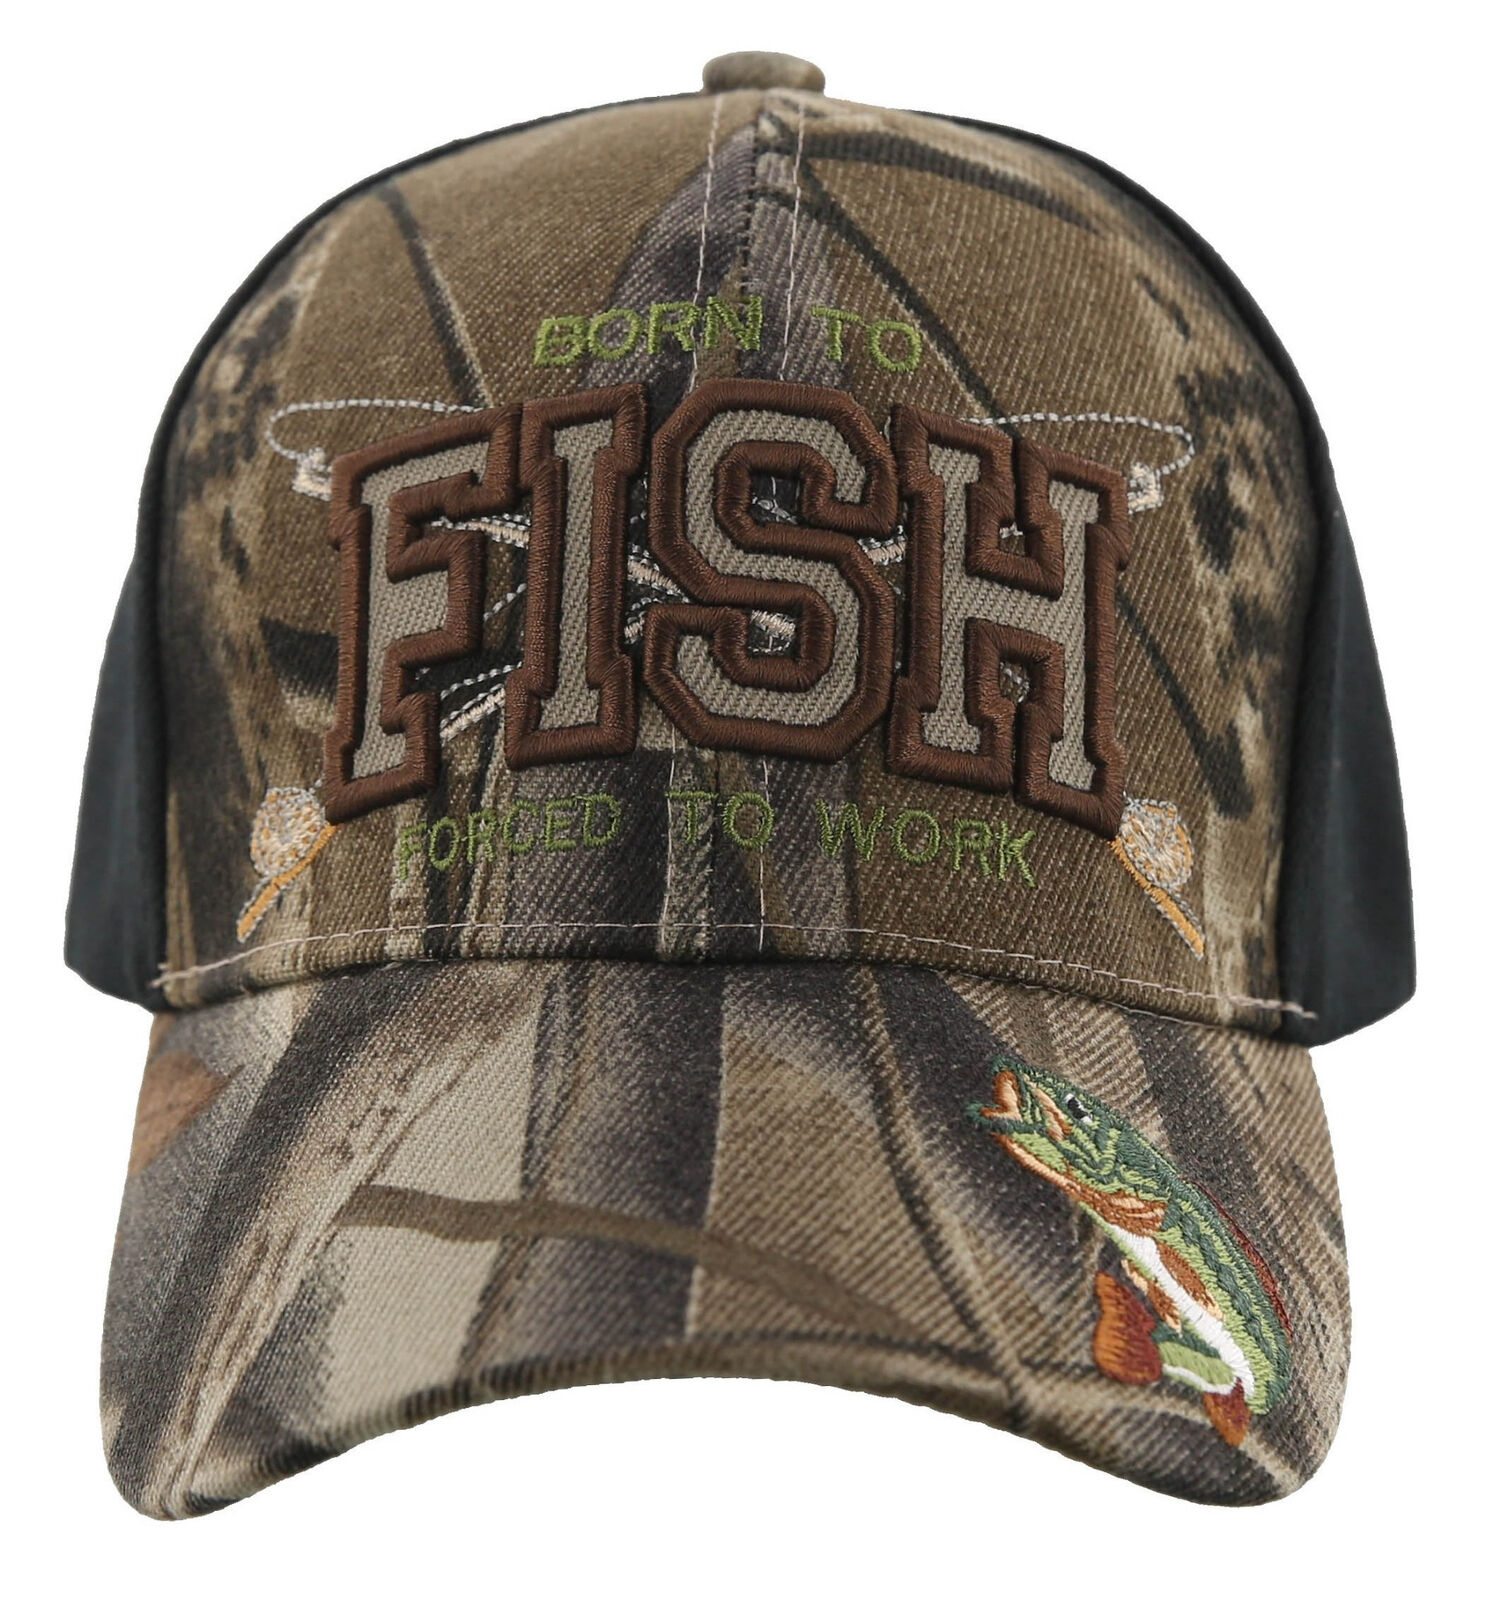 ! nuevo! nacido Para Pescar obligados a trabajar al aire libre Pesca Deportiva Gorra Sombrero Camo